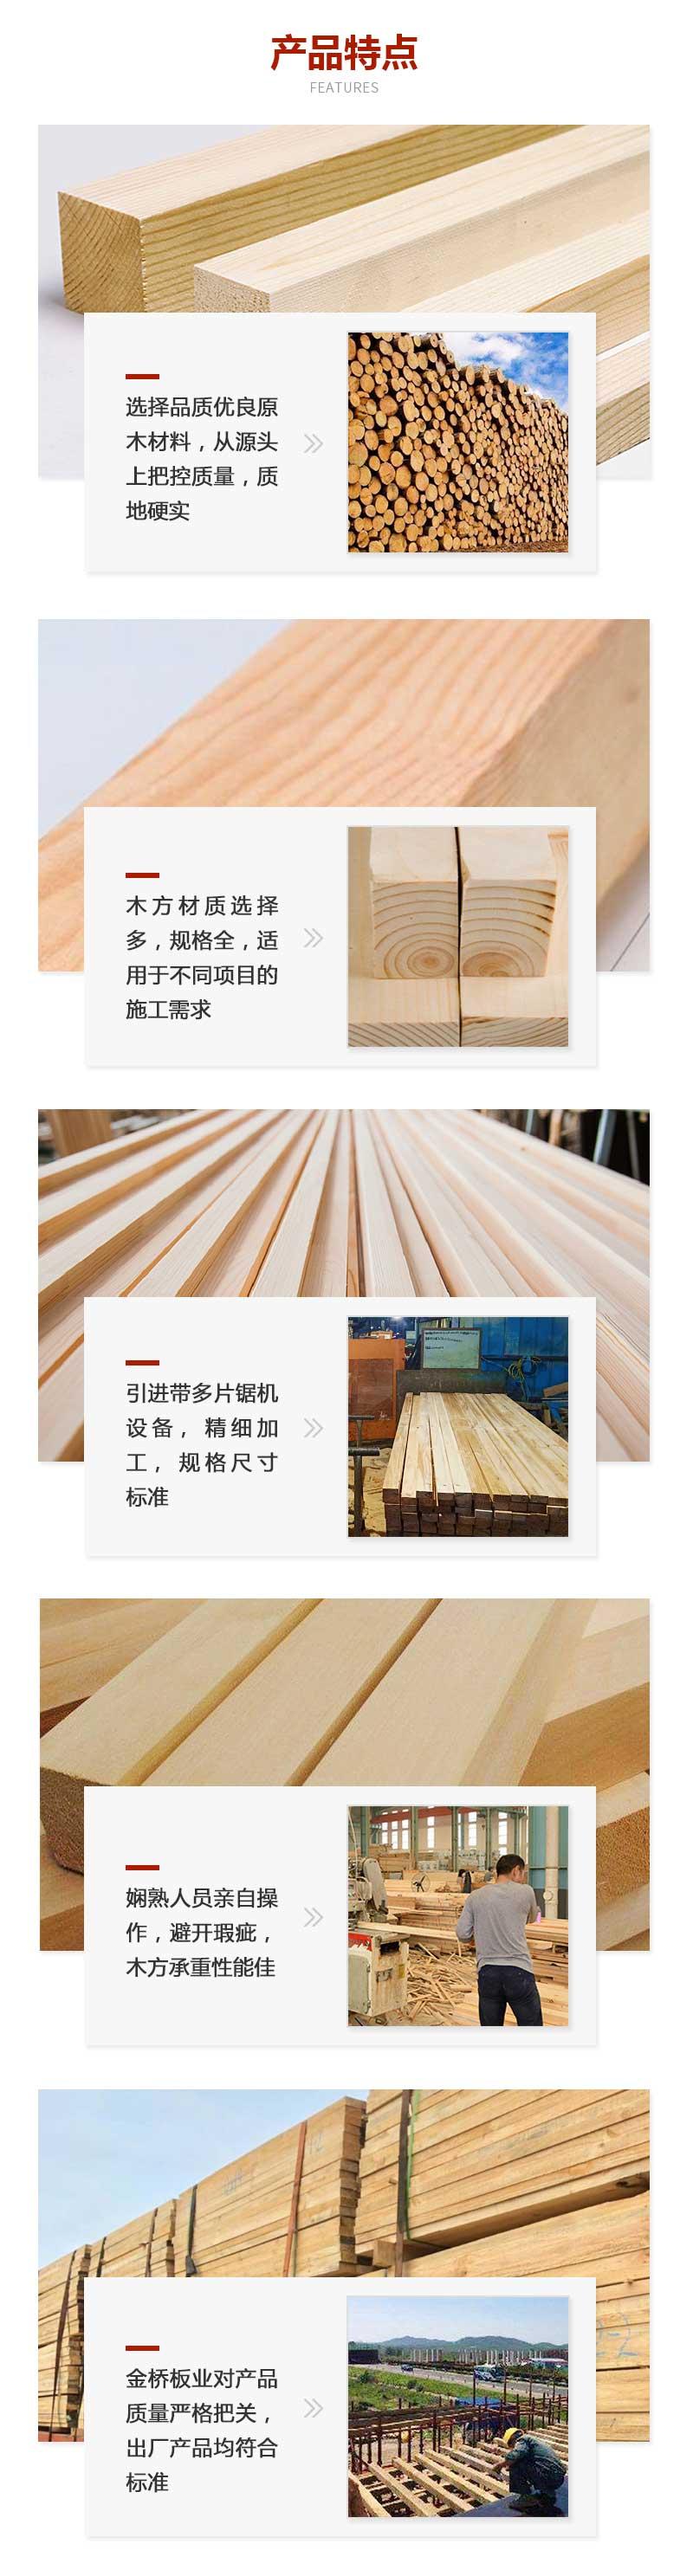 方木金桥板业产品特点介绍